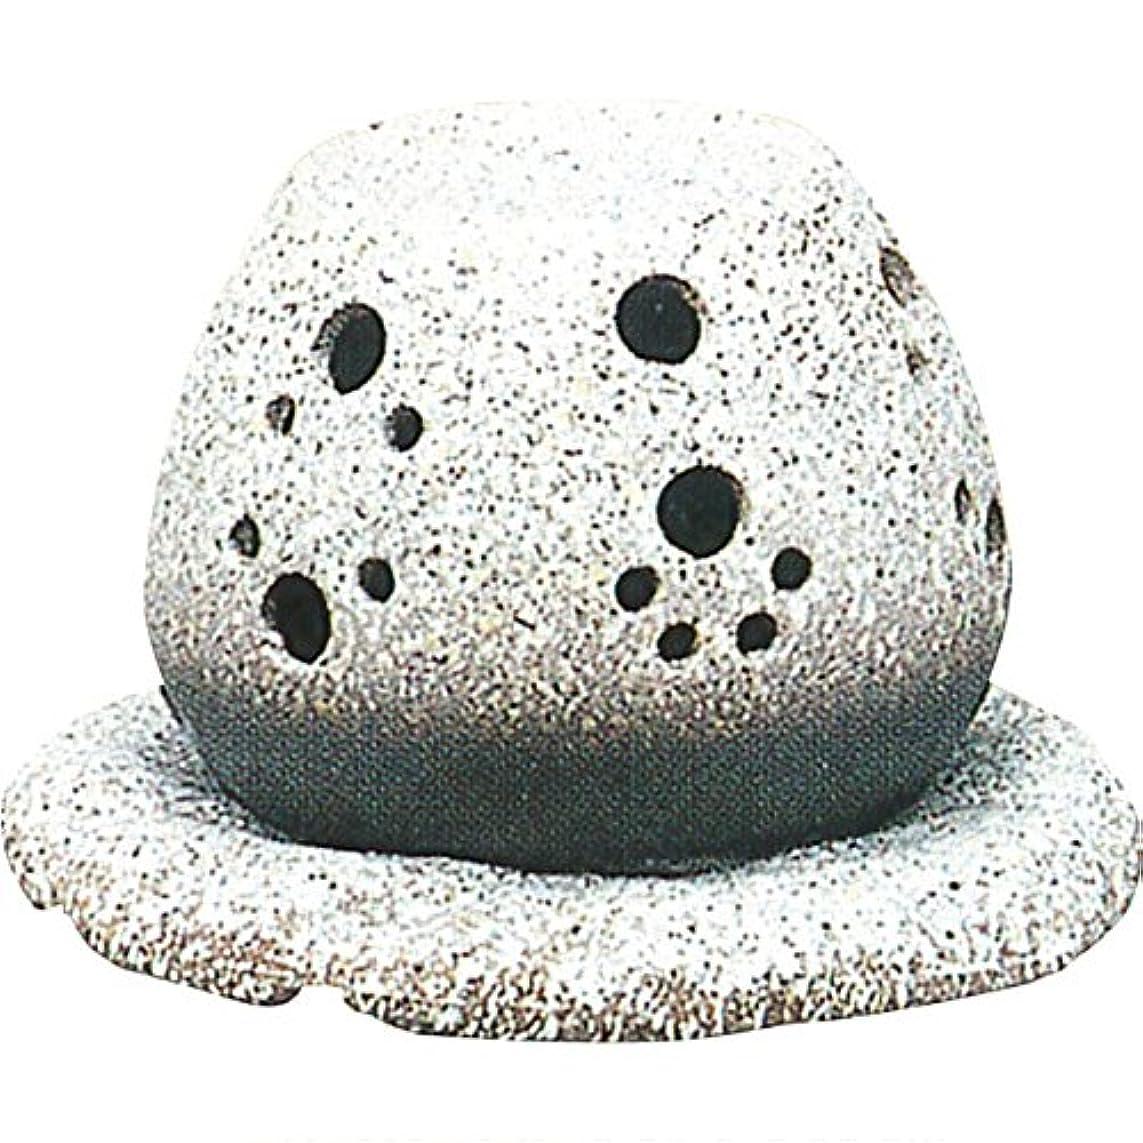 降臨分布クローゼット茶香炉 : 常滑焼 山房窯 ロウソクタイプ茶香炉 (白皿付?ロウソク1ヶ付)?ル35-05